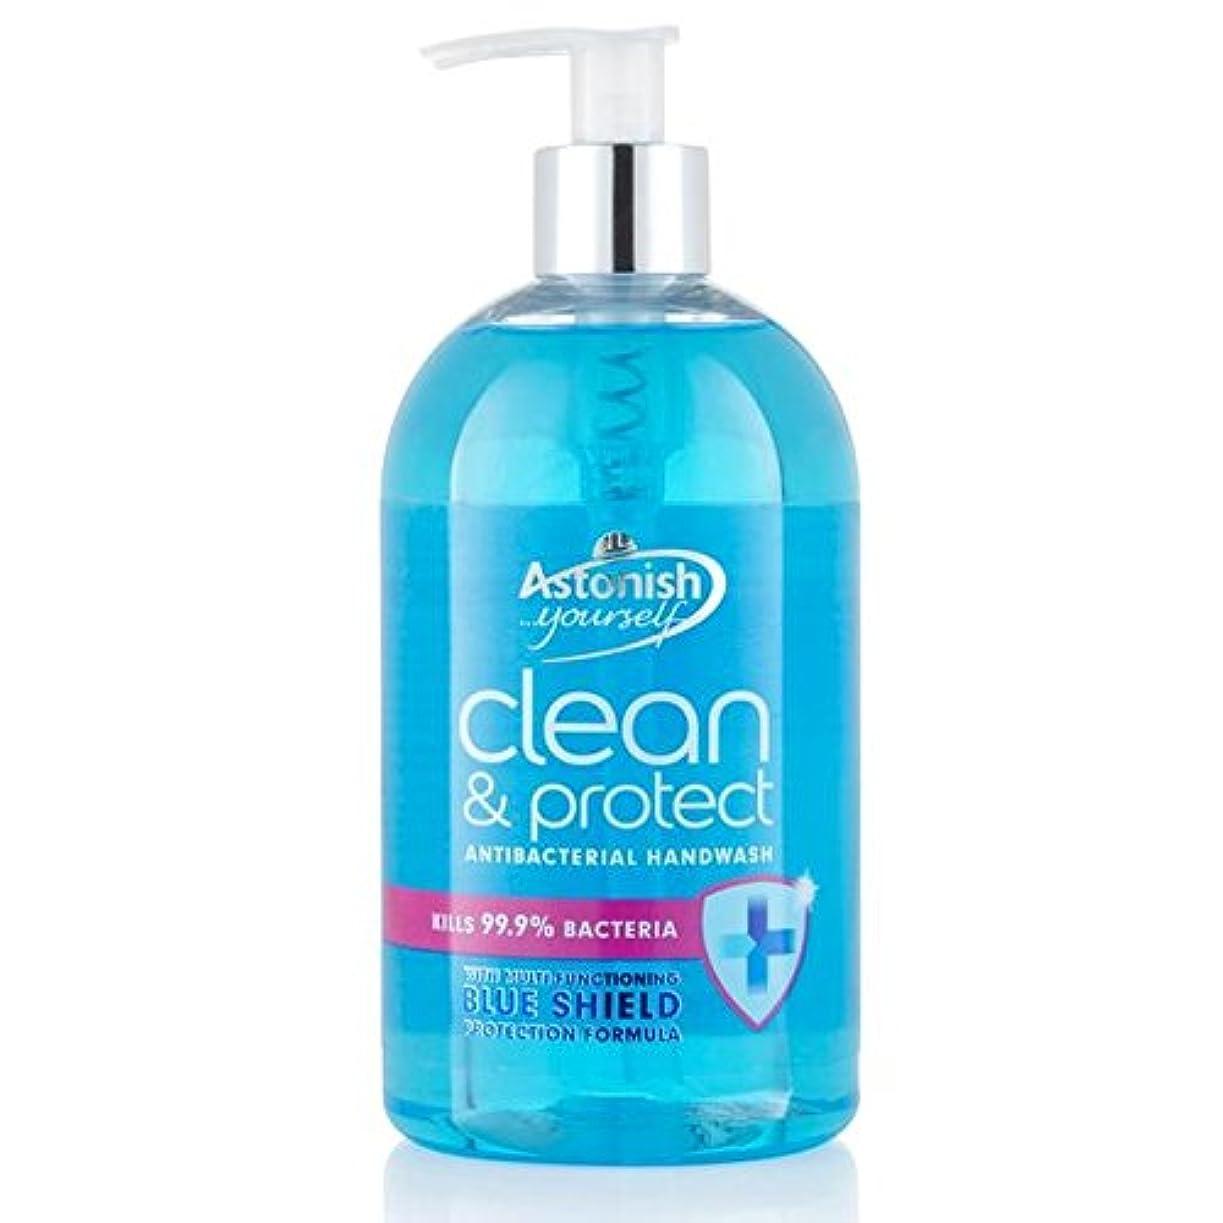 水平近々したがってクリーン驚か&ハンドウォッシュ500ミリリットルを保護 x2 - Astonish Clean & Protect Hand Wash 500ml (Pack of 2) [並行輸入品]